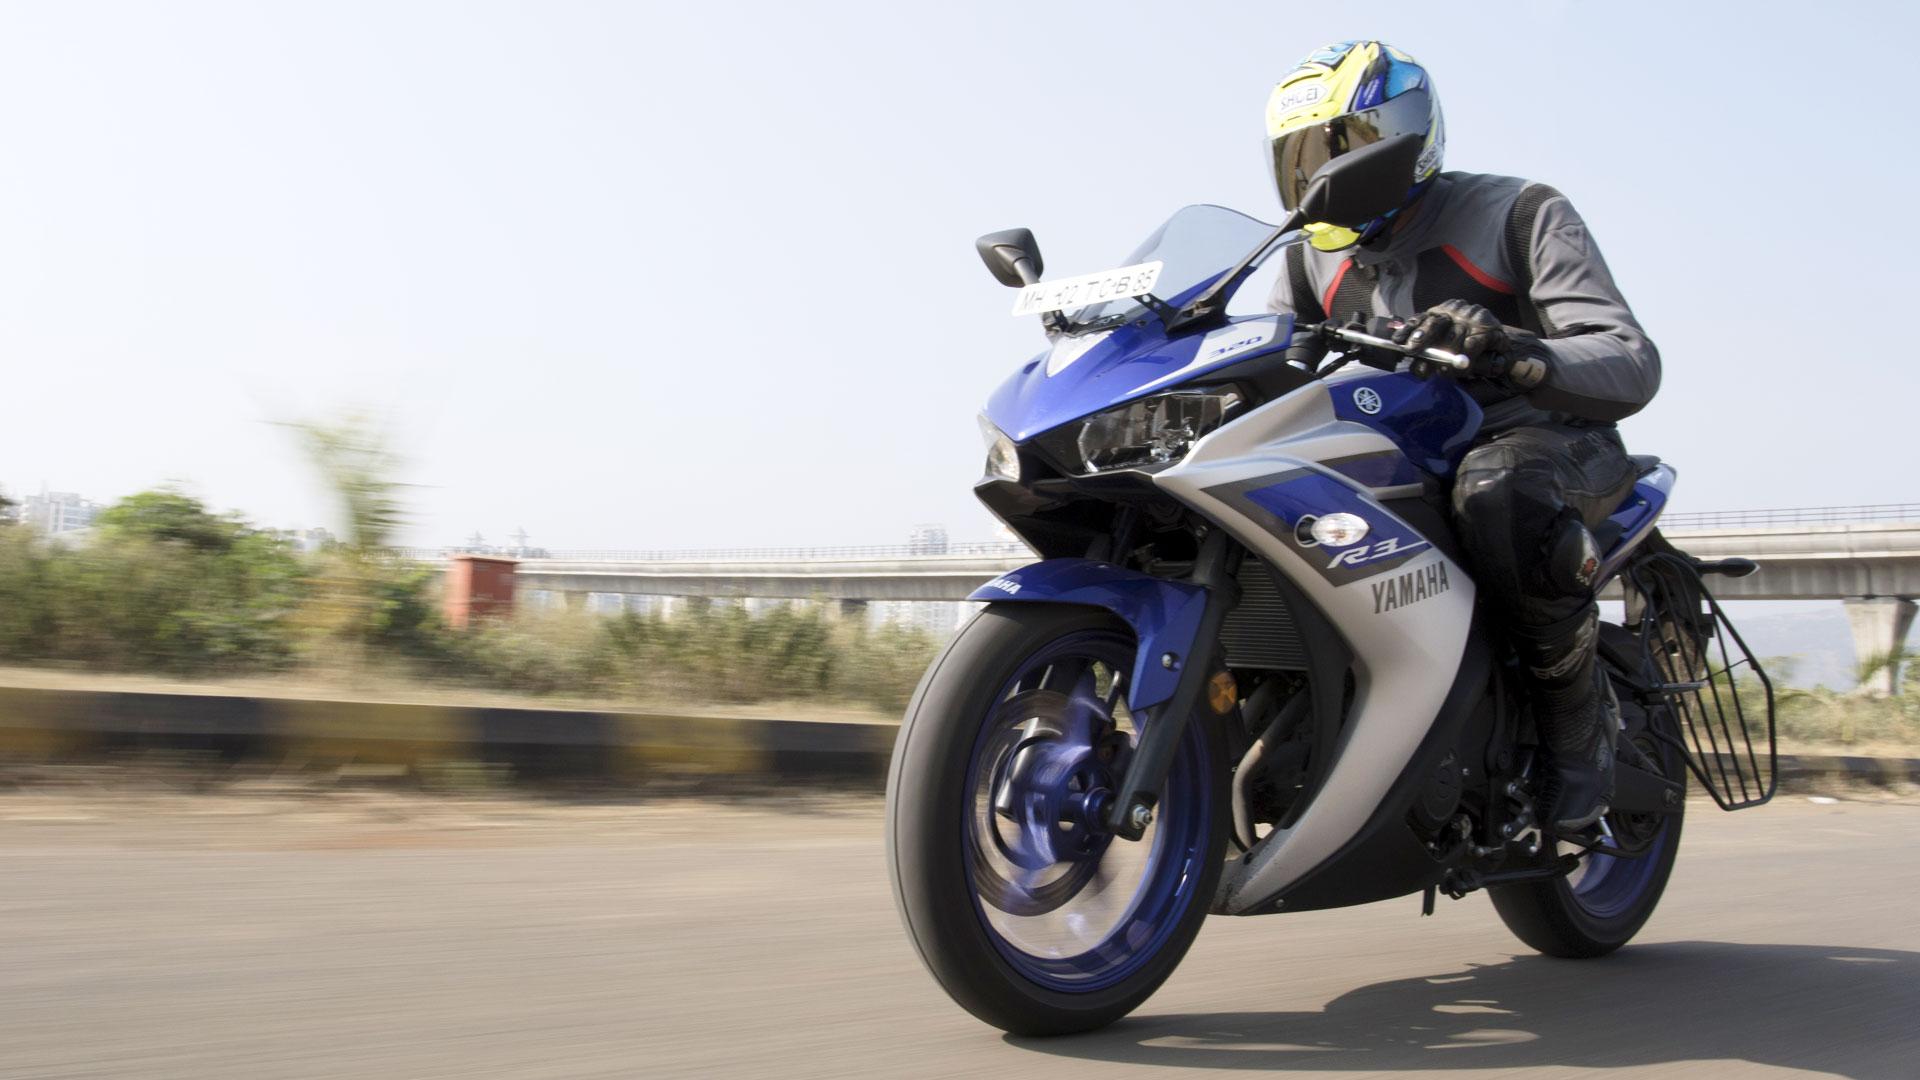 Yamaha YZF-R3 2015 STD